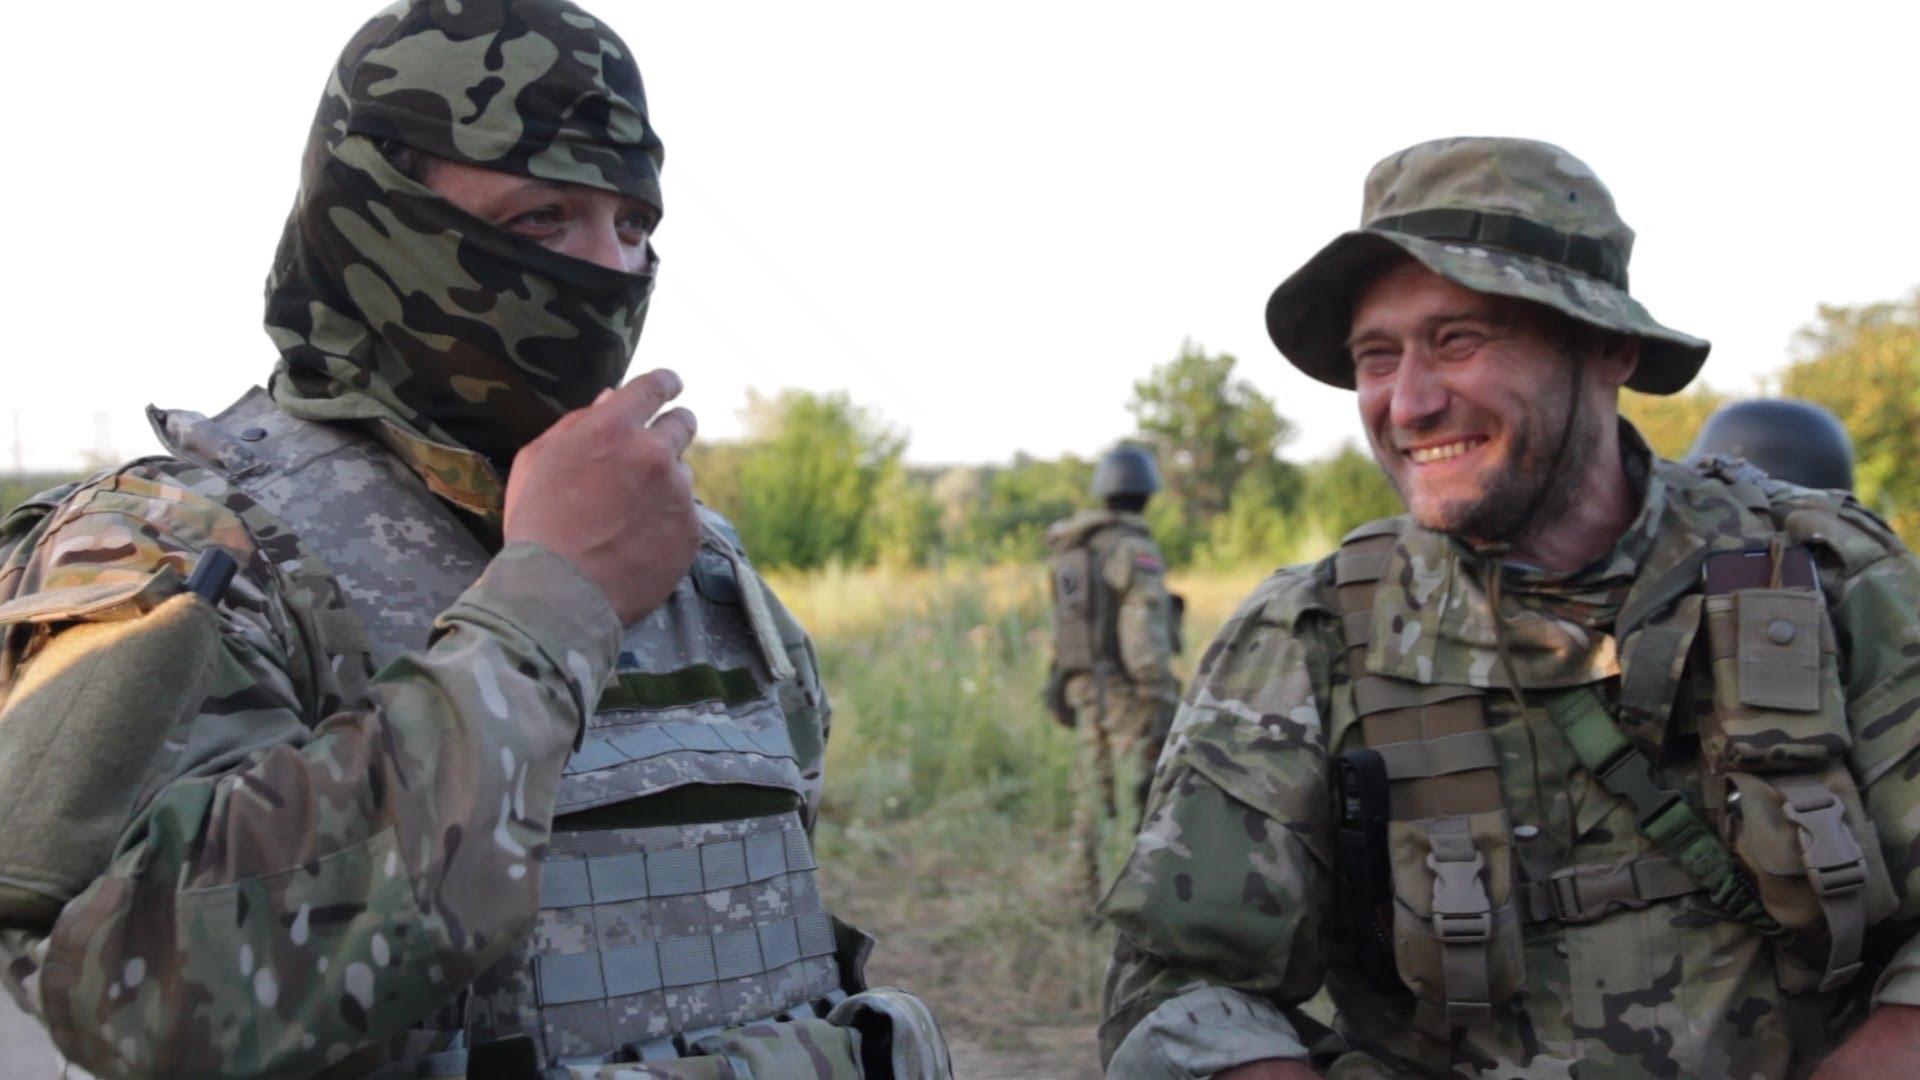 Ярош и Сменченко лично познакомились и обговорили ситуацию на востоке (ВИДЕО)